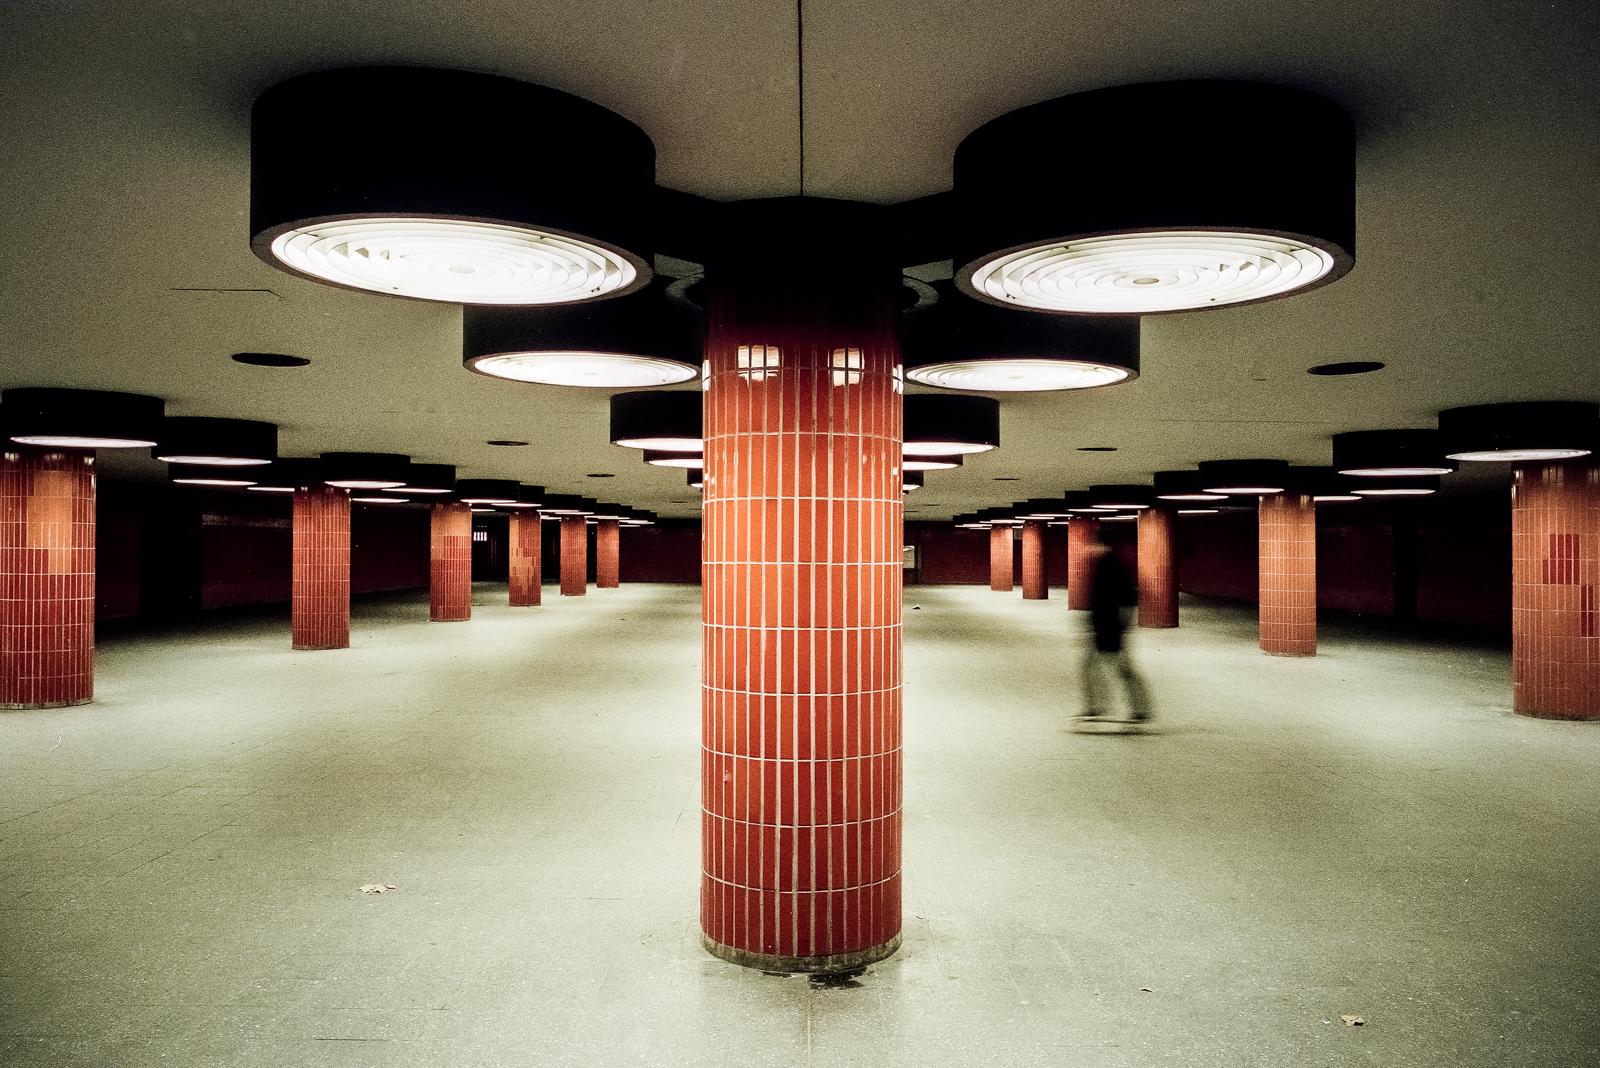 Entfernungsmesser Für Fotografie : Hintergrundbilder : orange farbe berlin die architektur